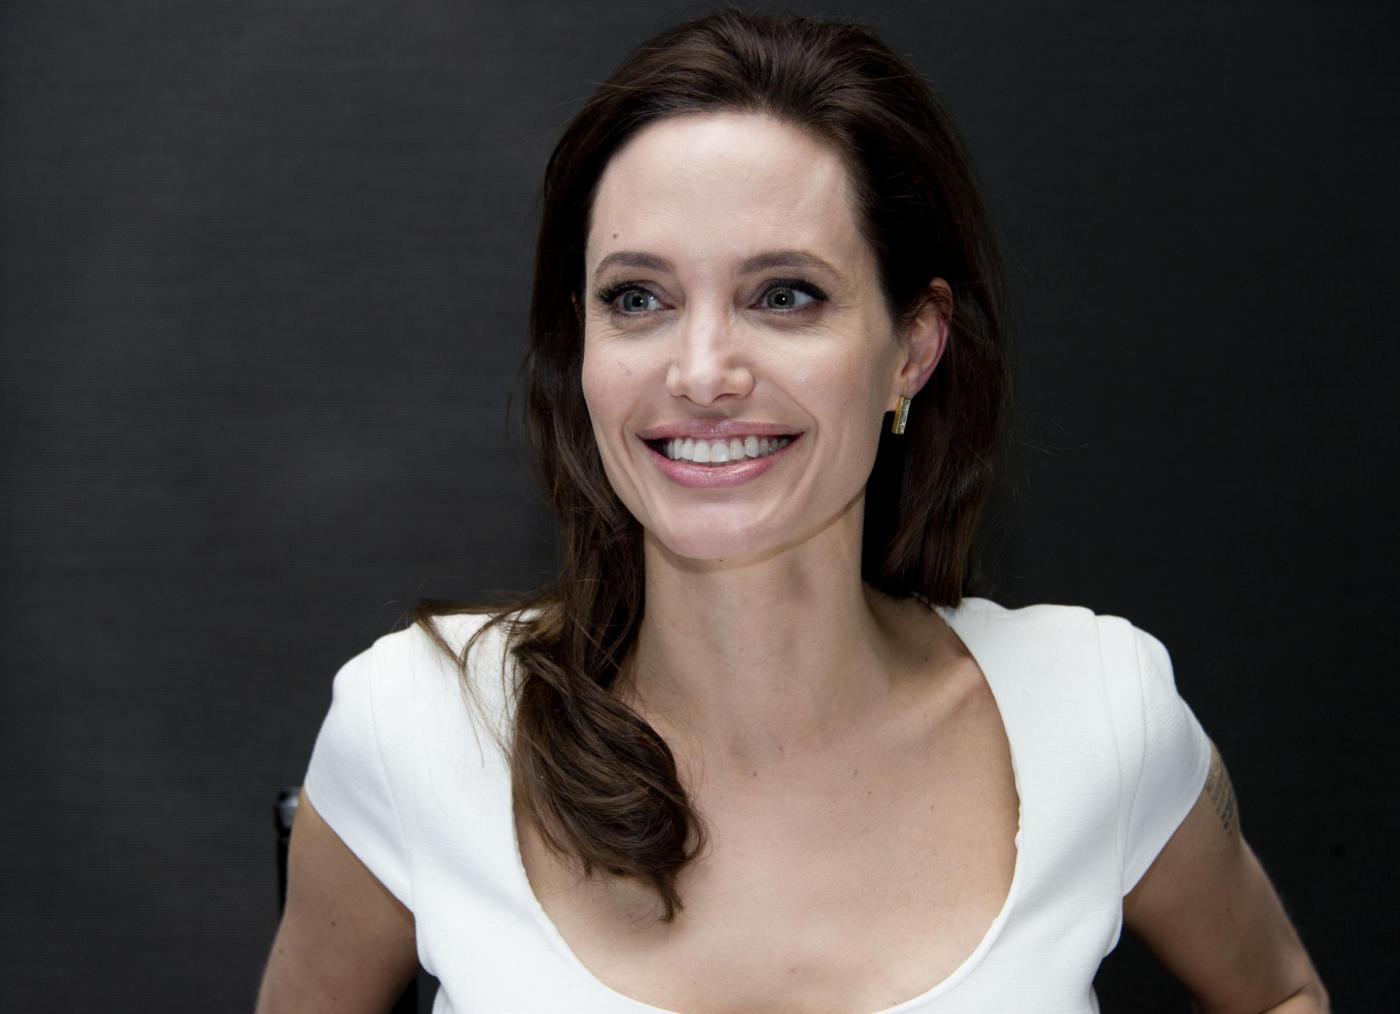 Unbroken di Angelina Jolie: in arrivo il nuovo film diretto dalla star